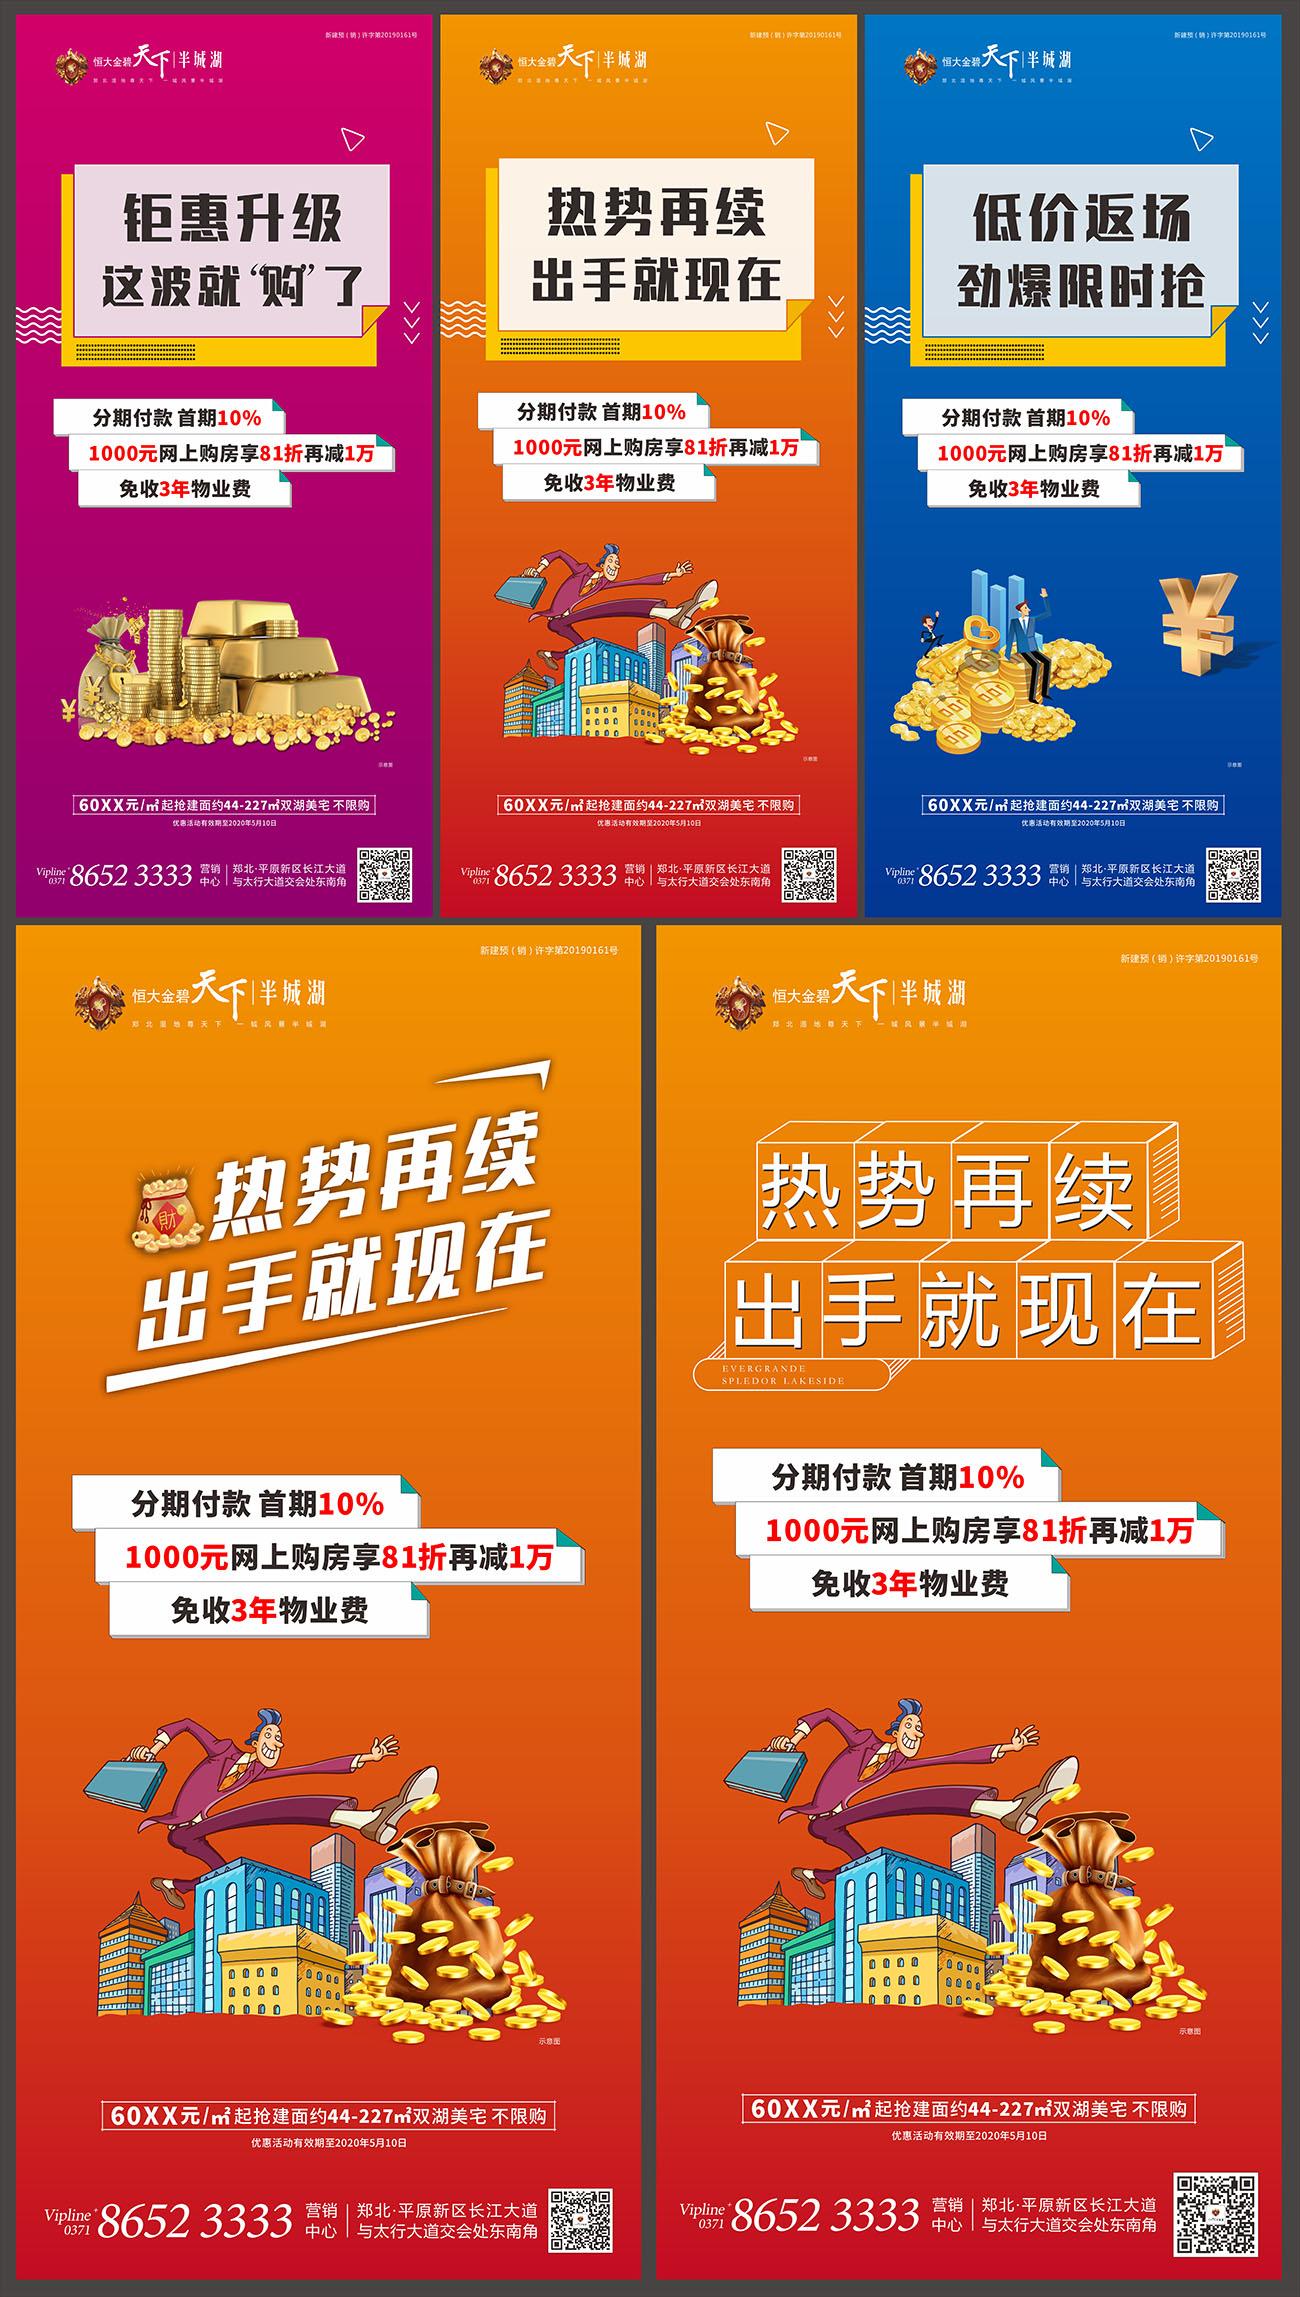 地产加推政策延续系列图海报CDR源文件插图